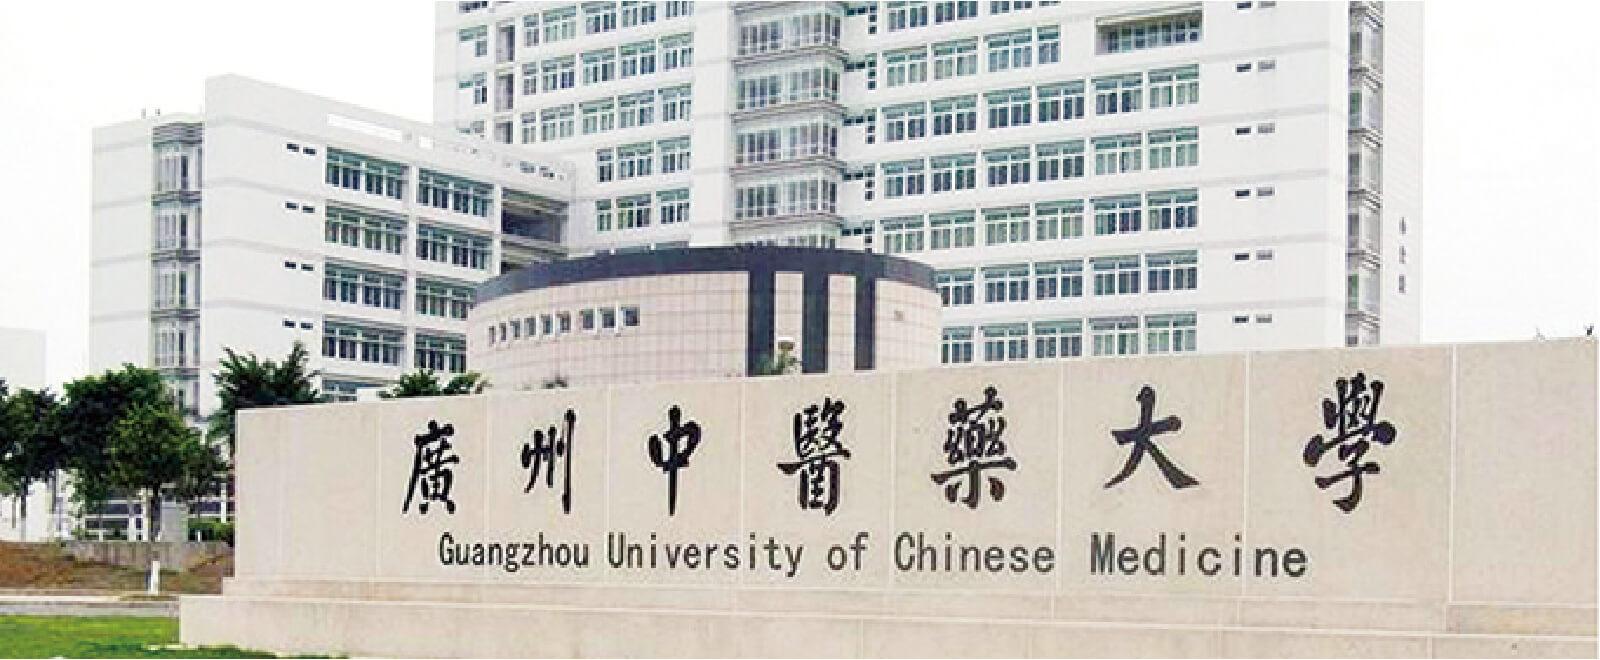 廣州中医薬大学大学院(日本校)新大阪サテライトキャンパス